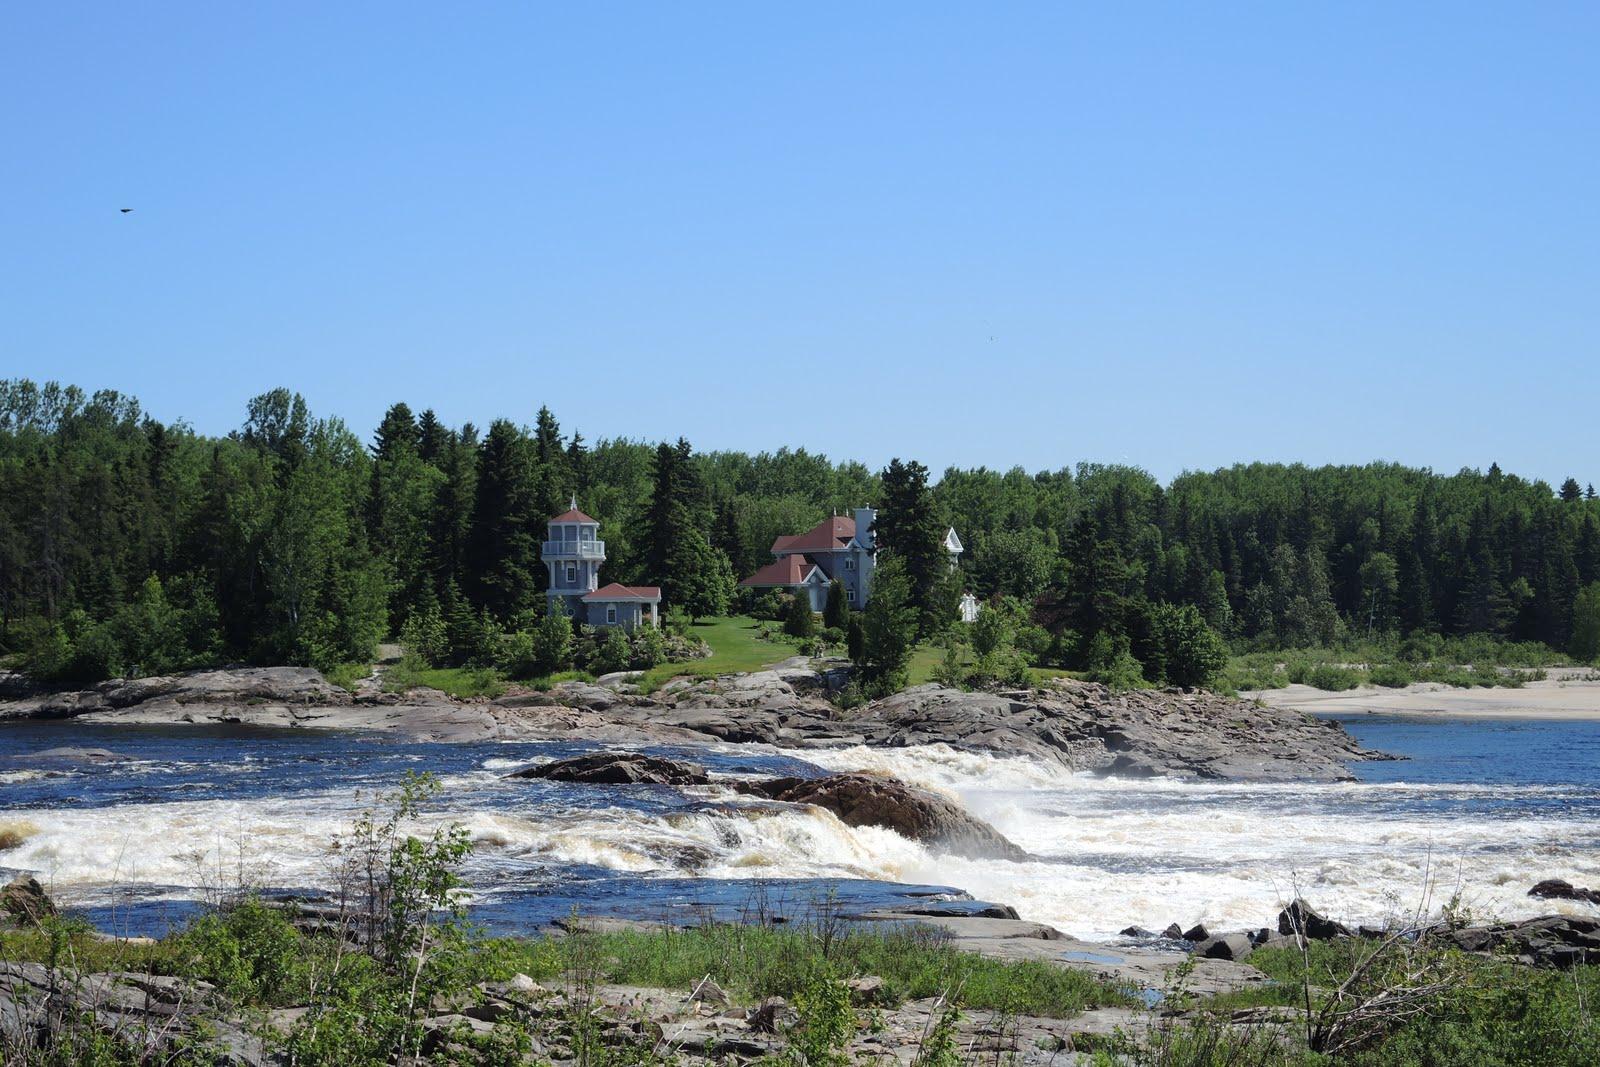 Chutes de la rivière Mistassini